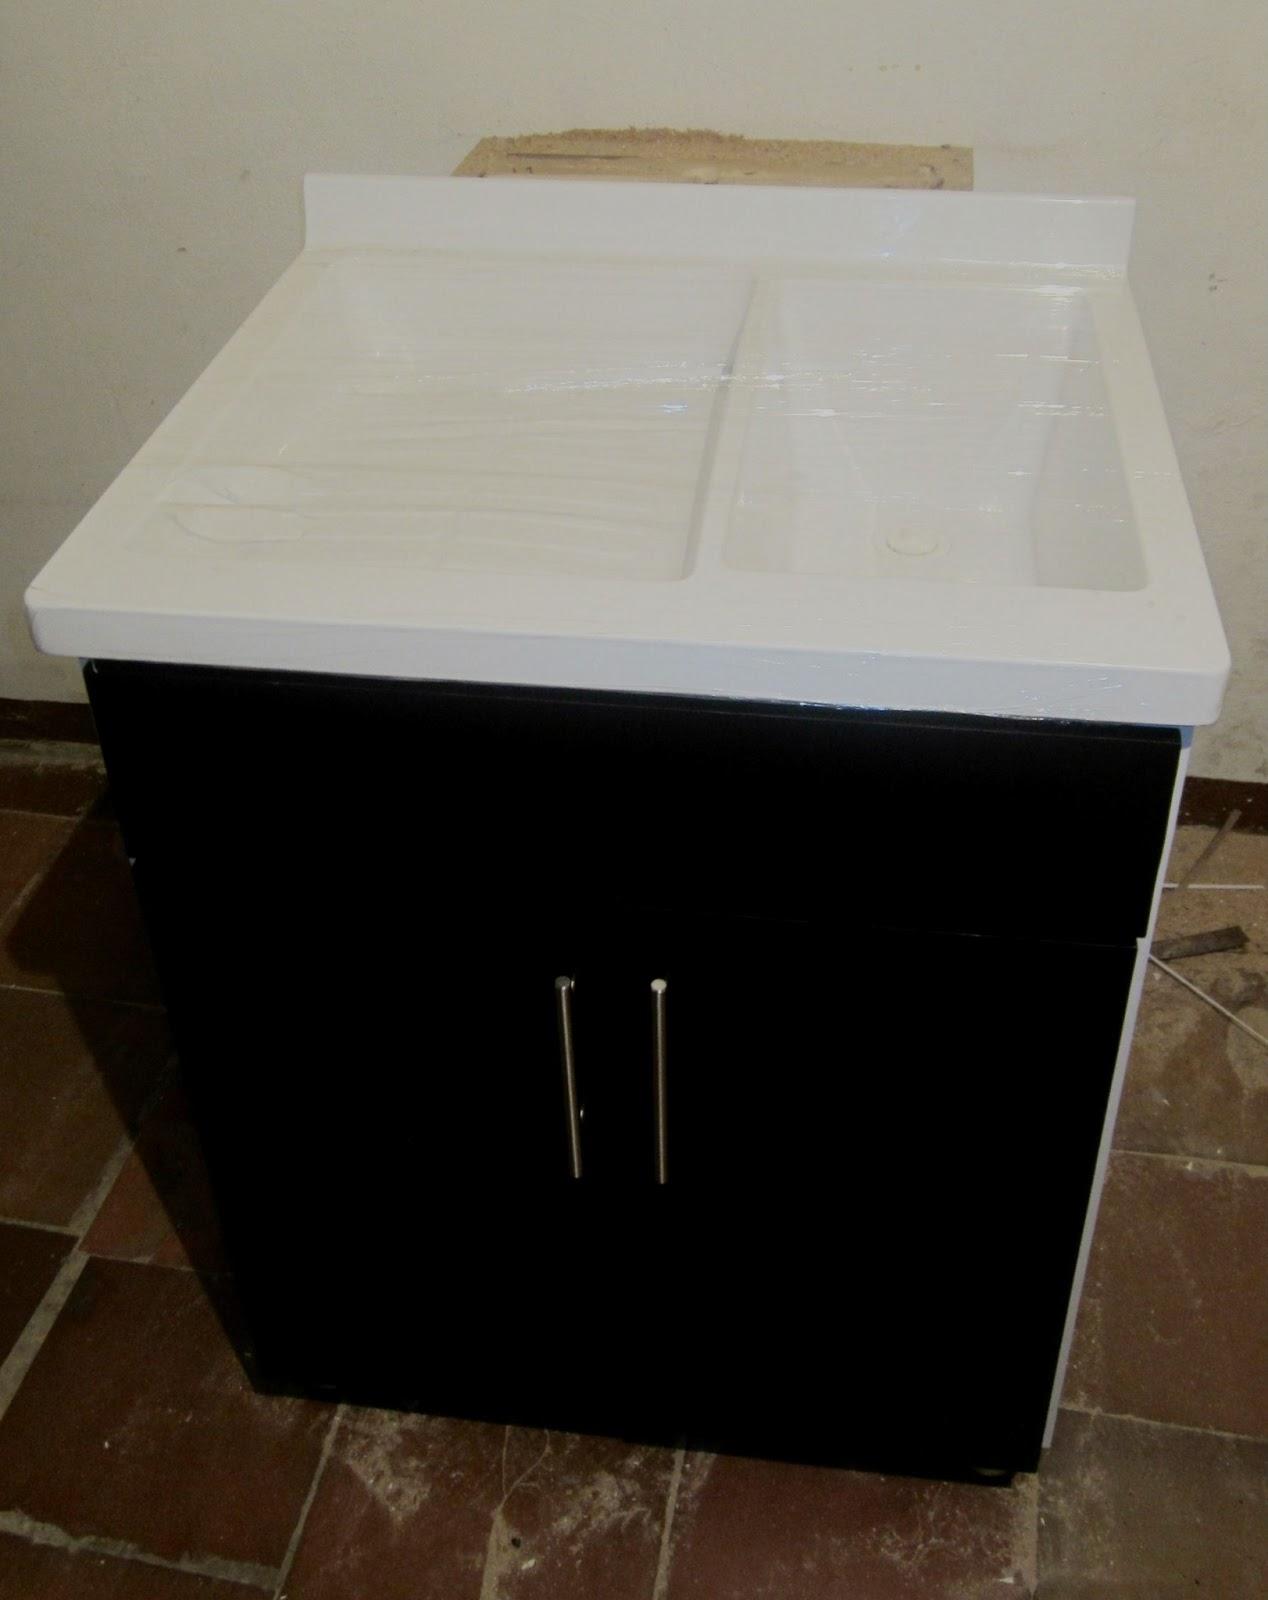 lavadero en fibra de vidrio y mármol sintético, con o sin mueble